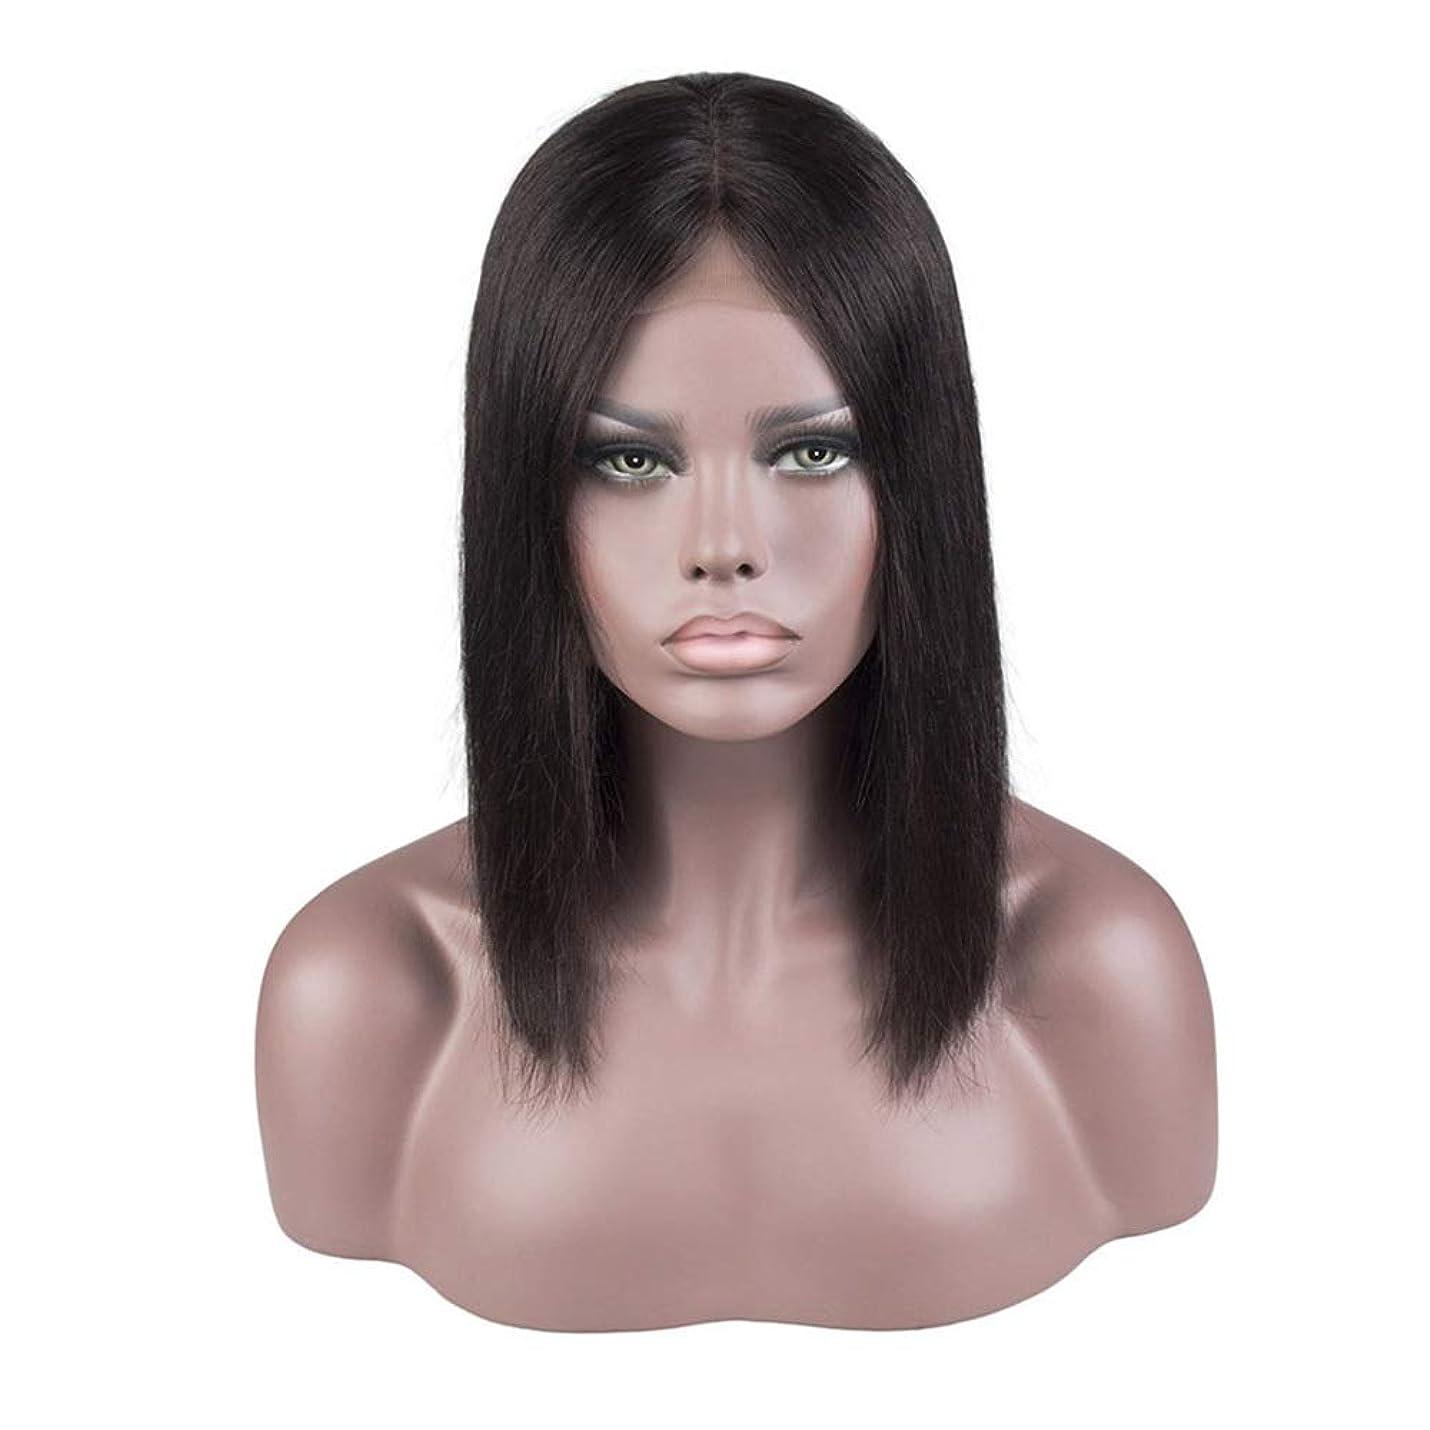 さまよう航空会社部分的にHOHYLLYA 4×4ディープミドルパートボブストレートレース閉鎖ブラジルバージン人間の髪の毛の閉鎖ナチュラルカラーショートウィッグ (色 : 黒, サイズ : 14 inch)